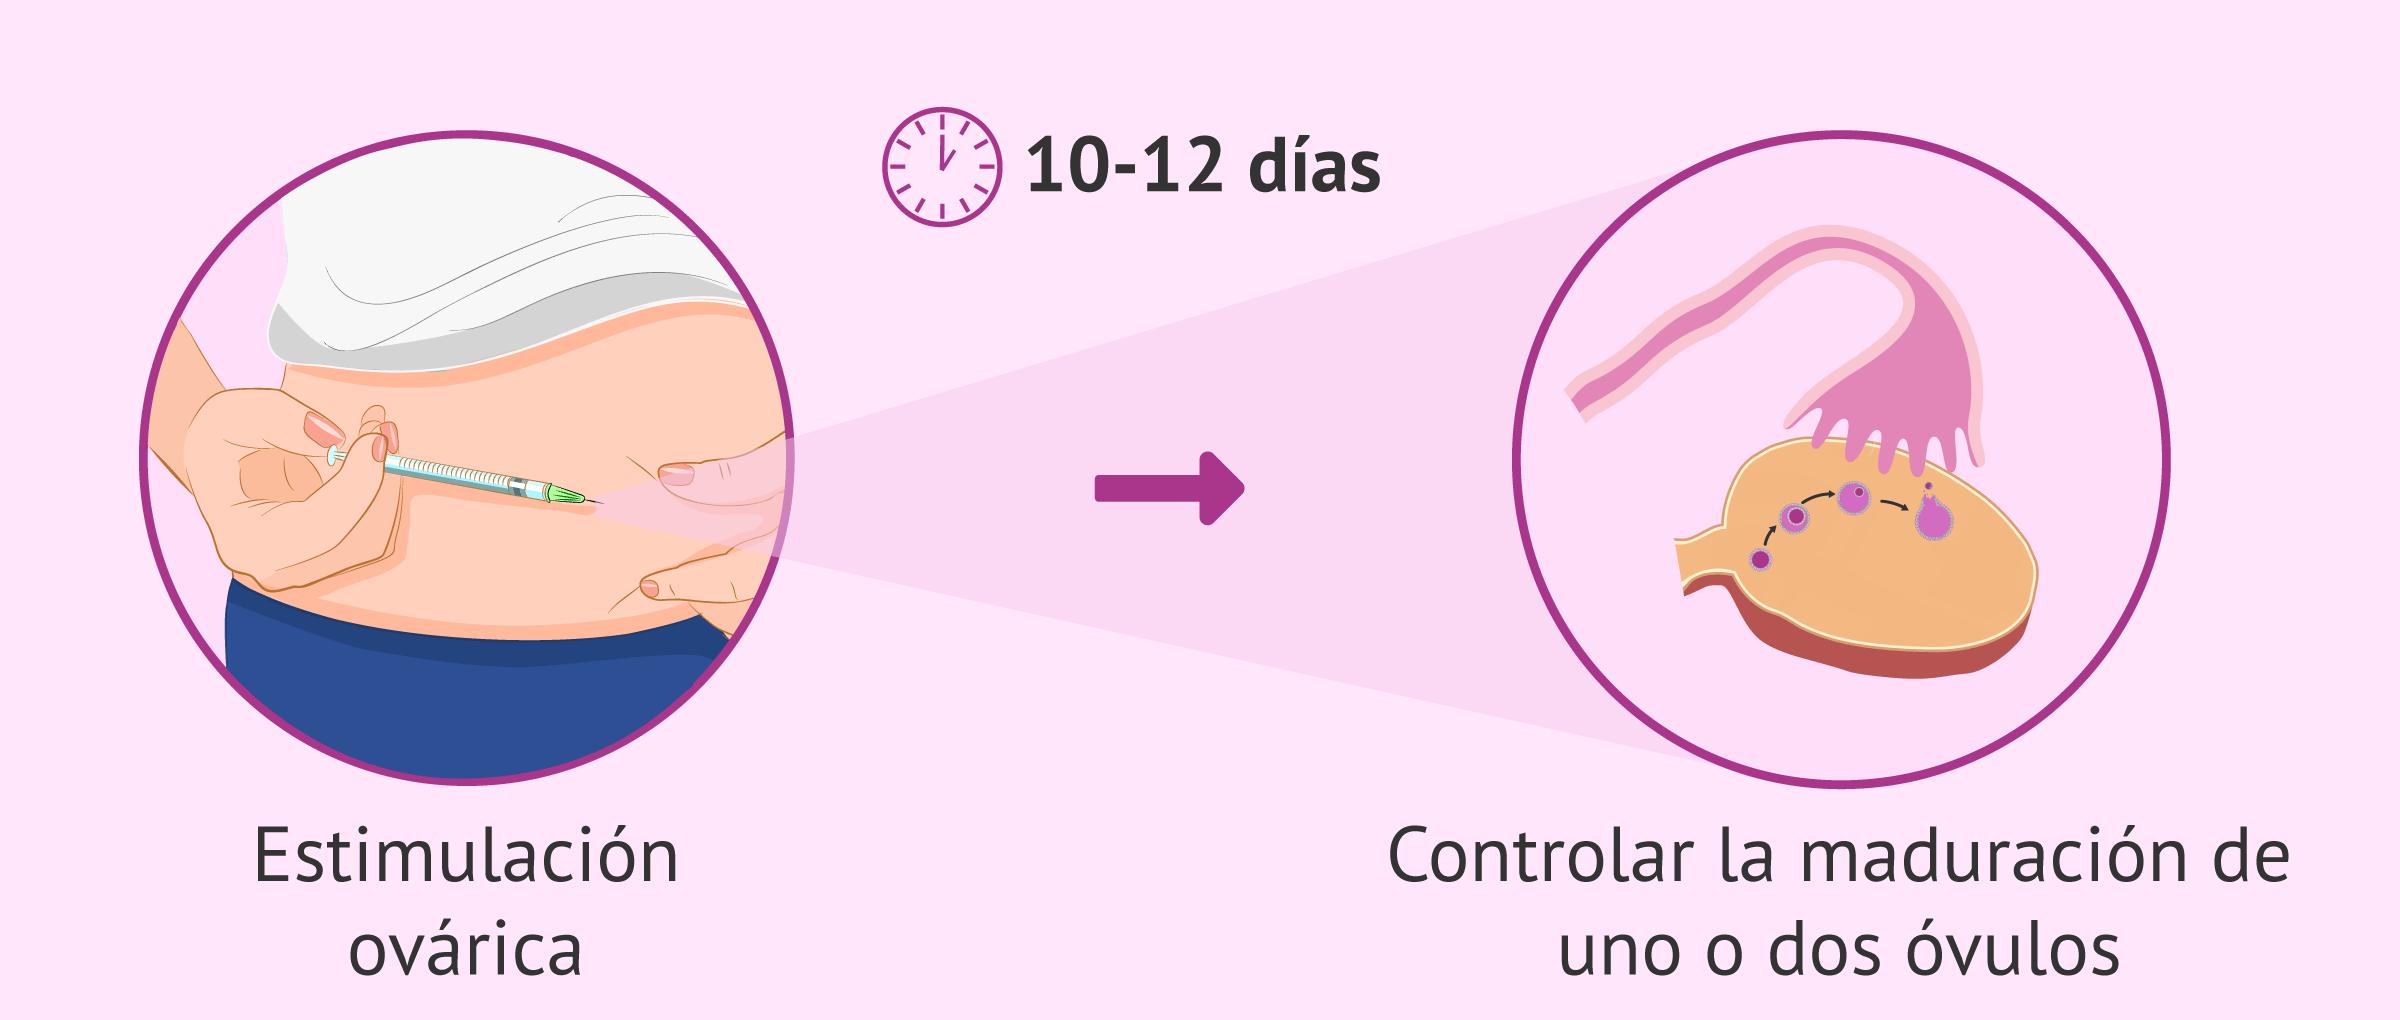 Estimulación ovárica para controlar la maduración de los óvulos